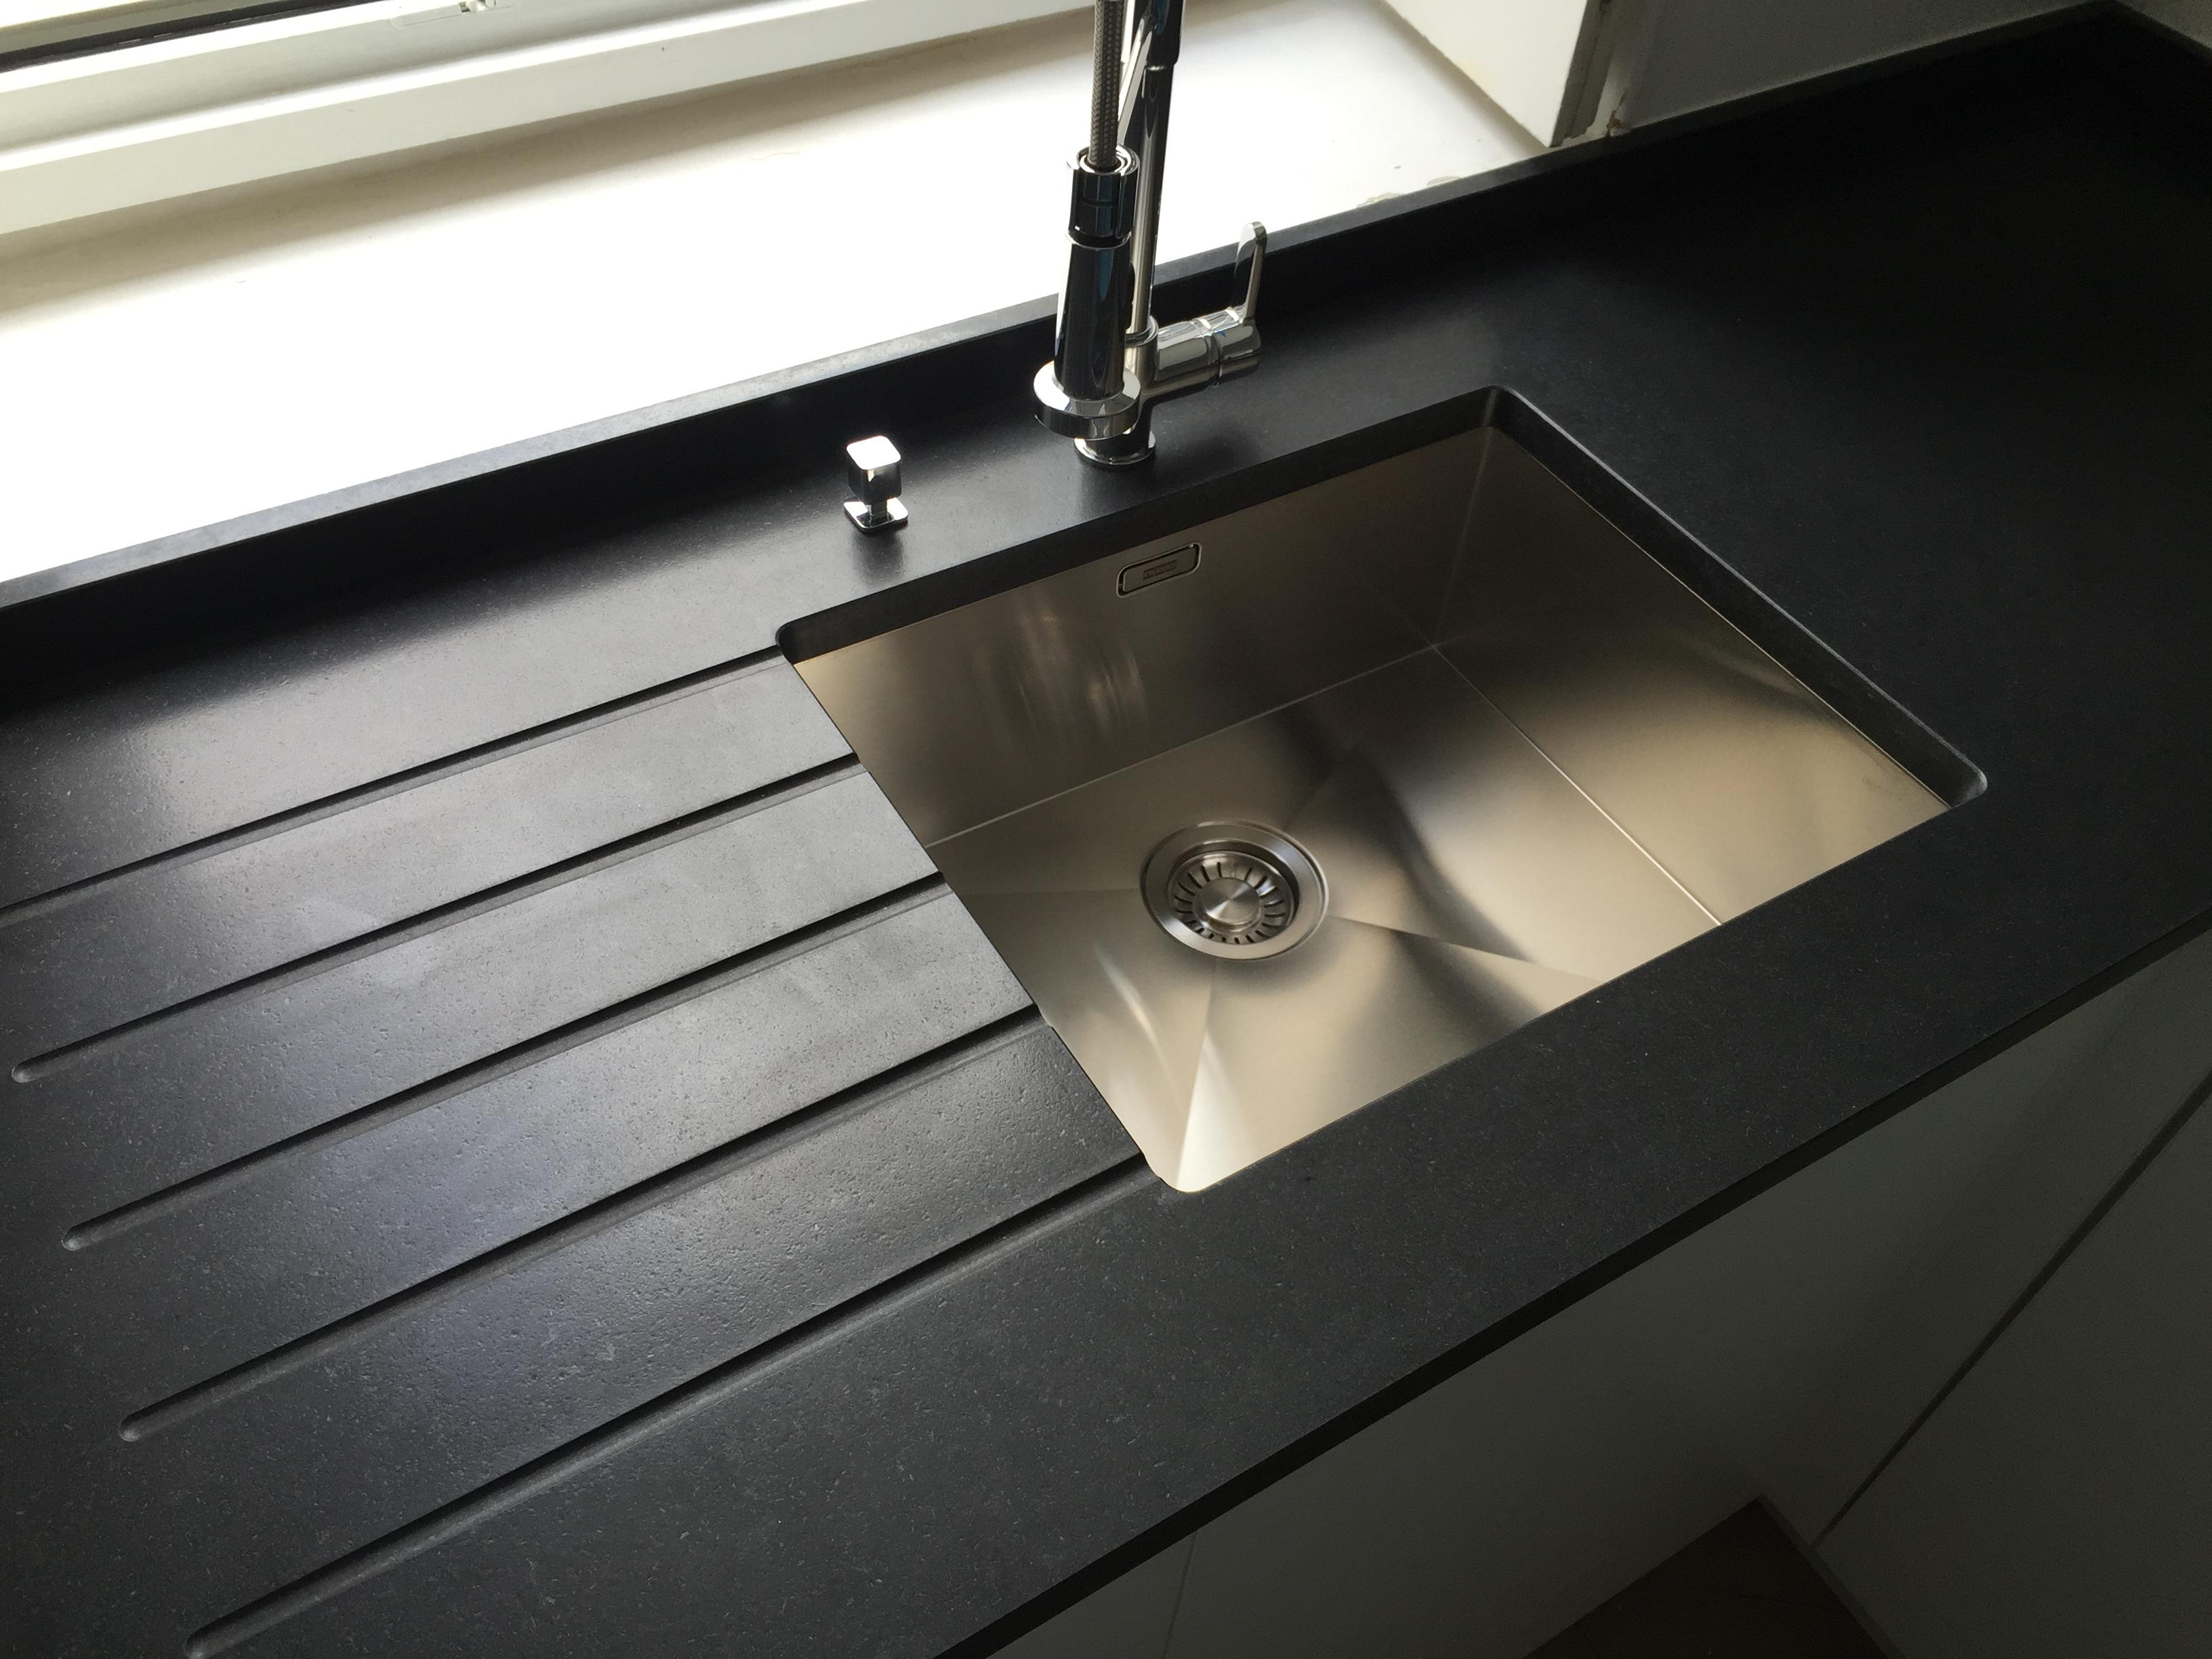 plan de travail granit quartz table en mabre paris essonne evier sous plan de. Black Bedroom Furniture Sets. Home Design Ideas